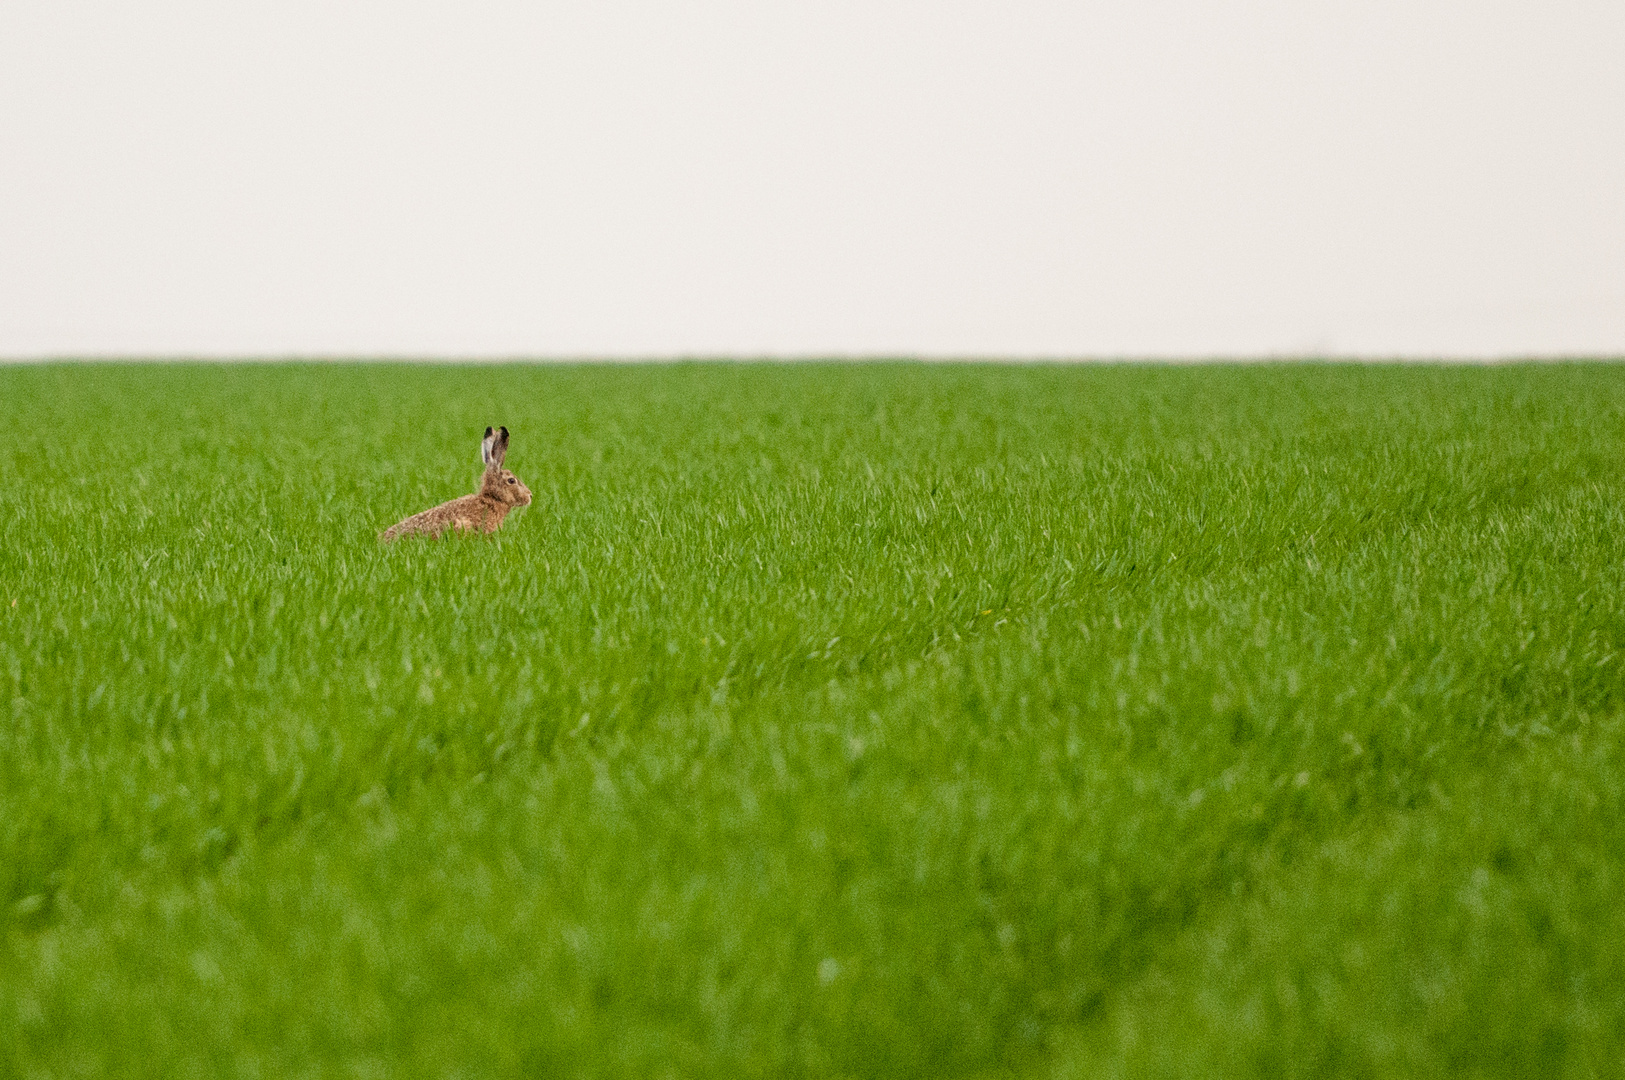 Hase im Gras